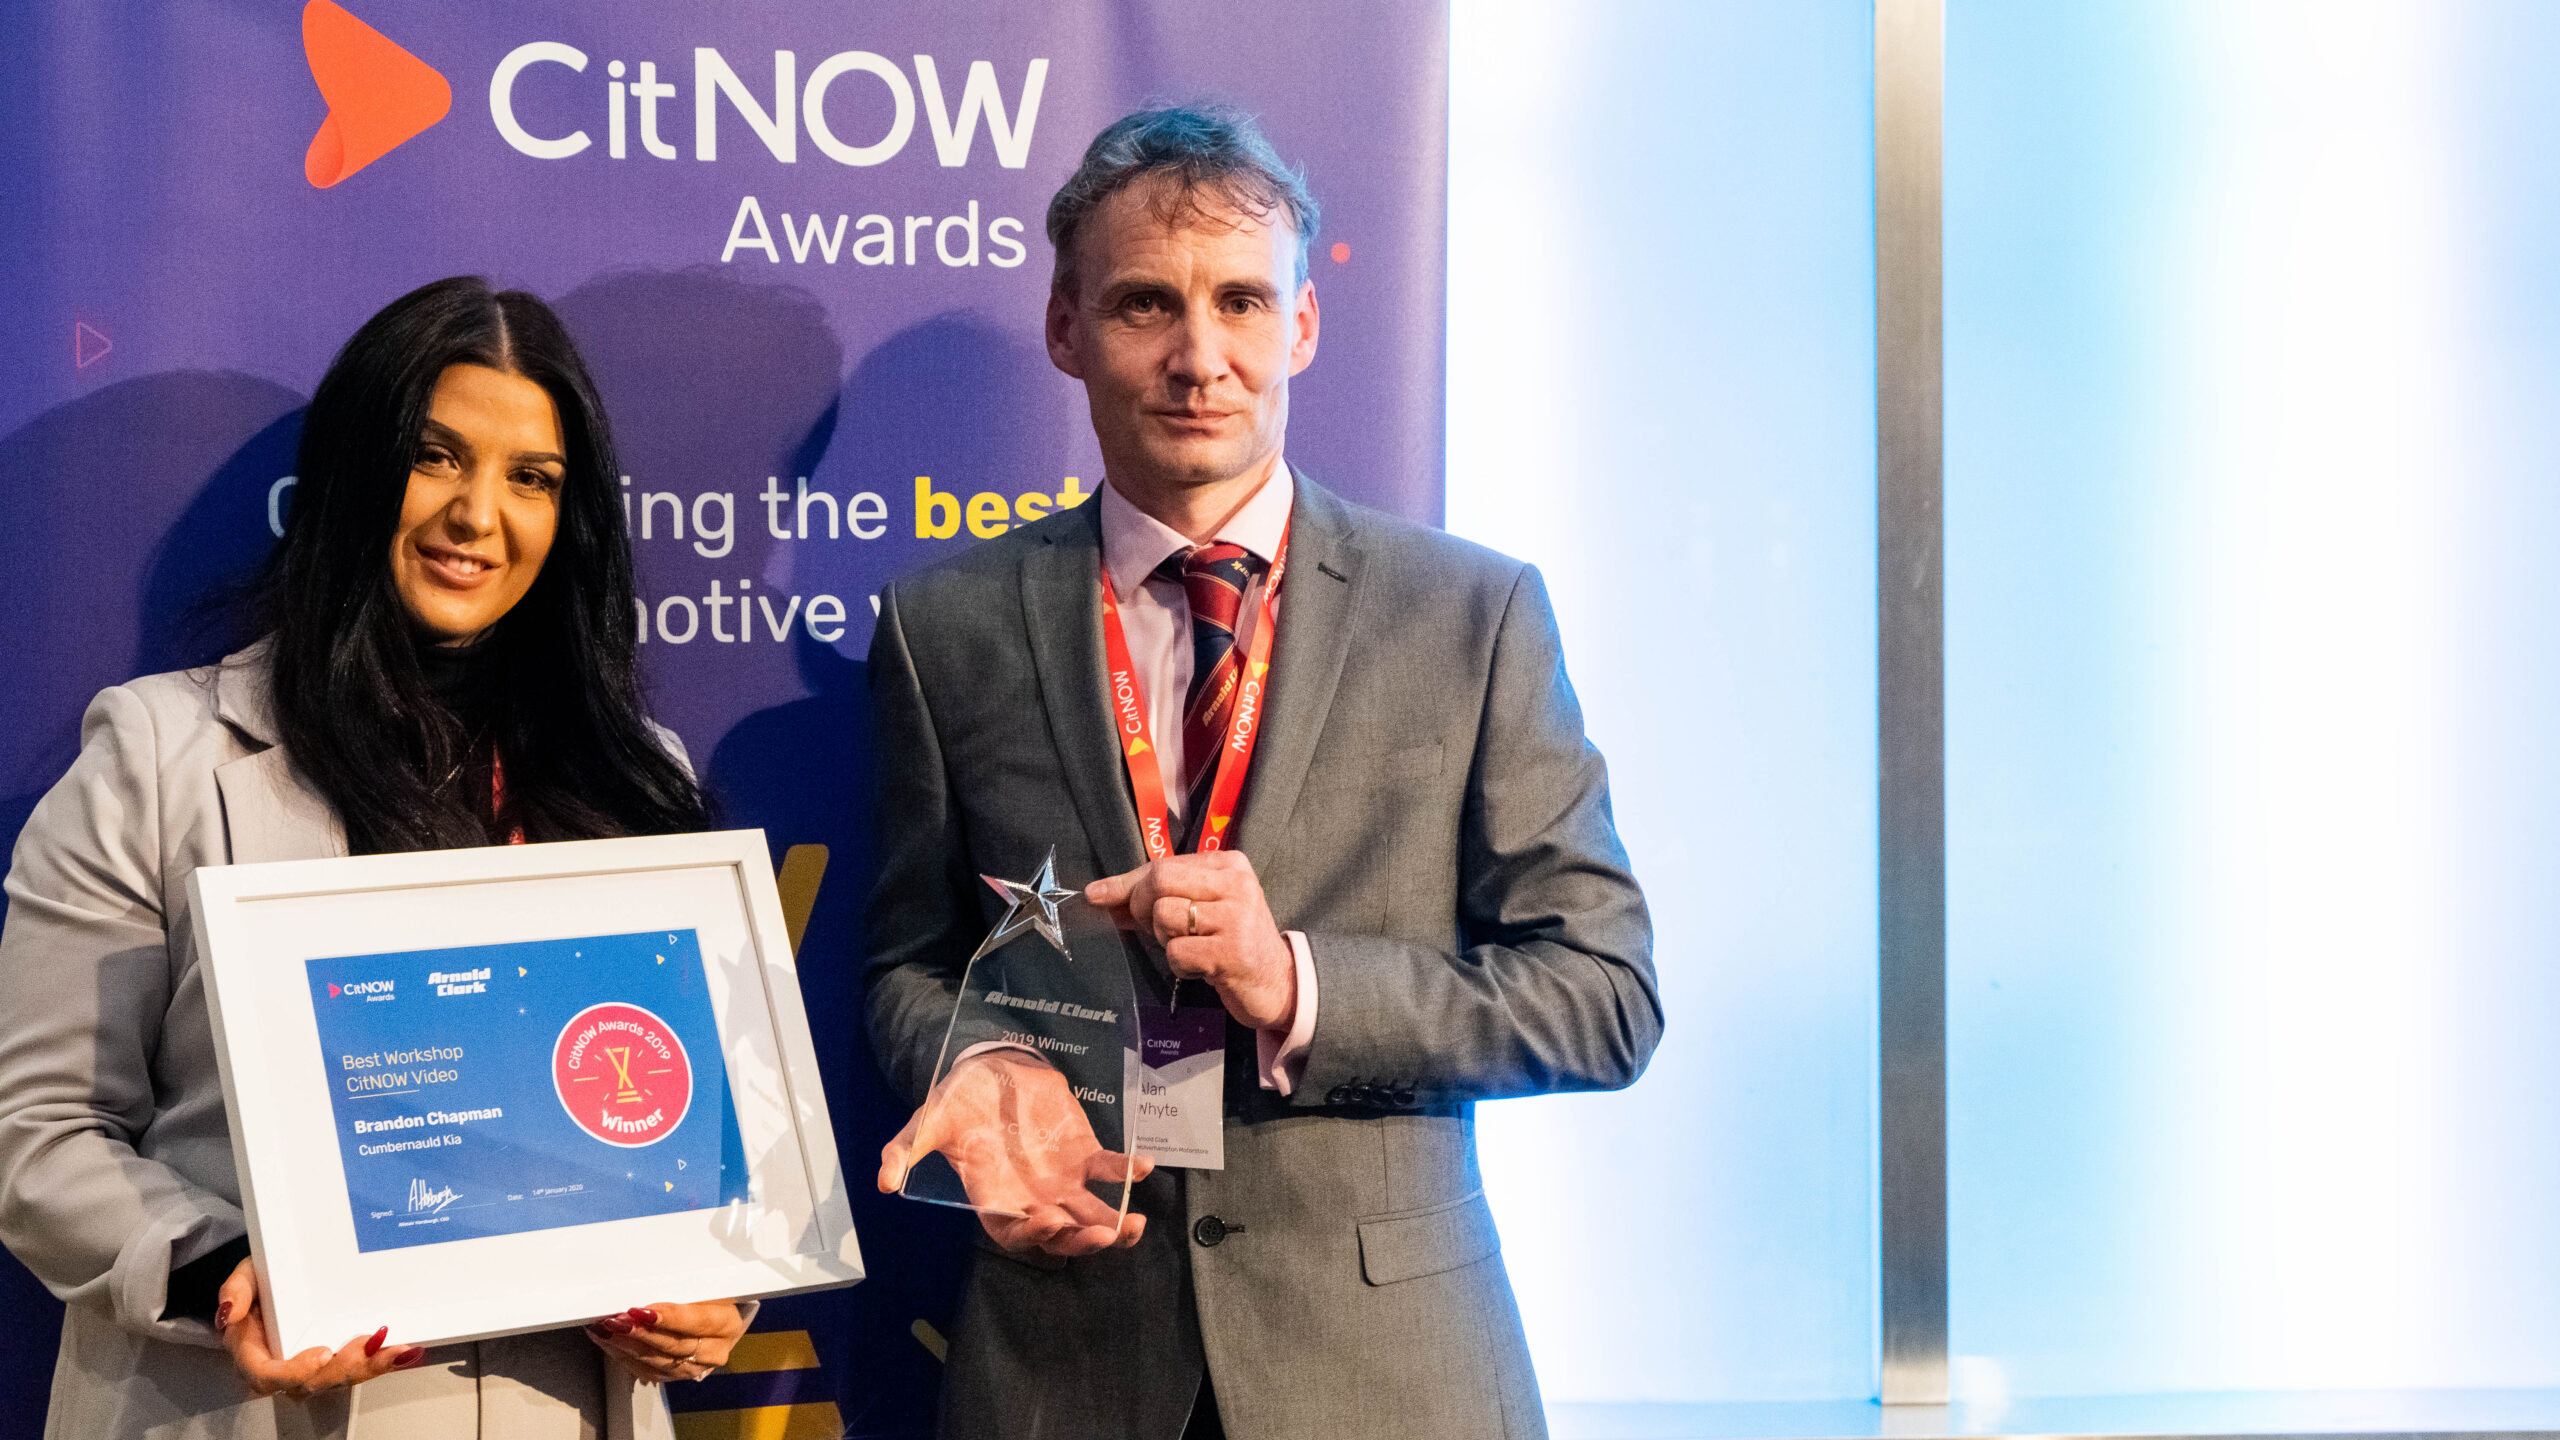 Arnold Clark, Best Workshop CitNOW